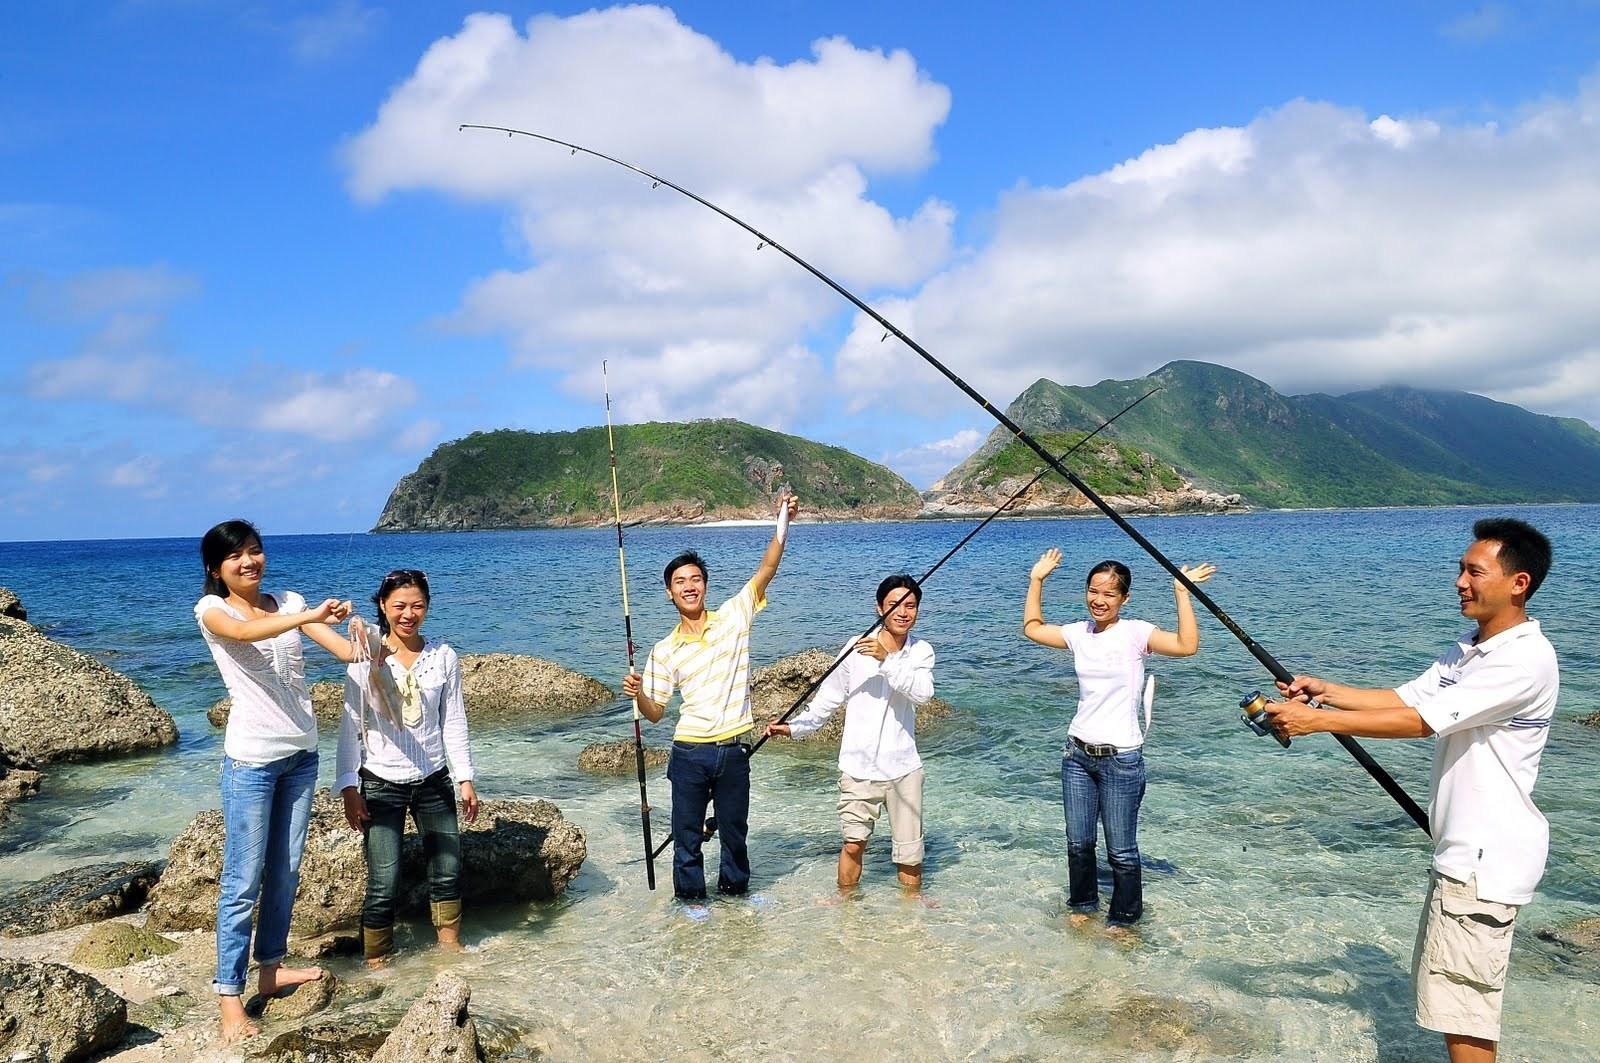 Kinh nghiệm du lịch Phú Quốc tự túc mới nhất. Đi đâu, chơi gì, ăn gì?